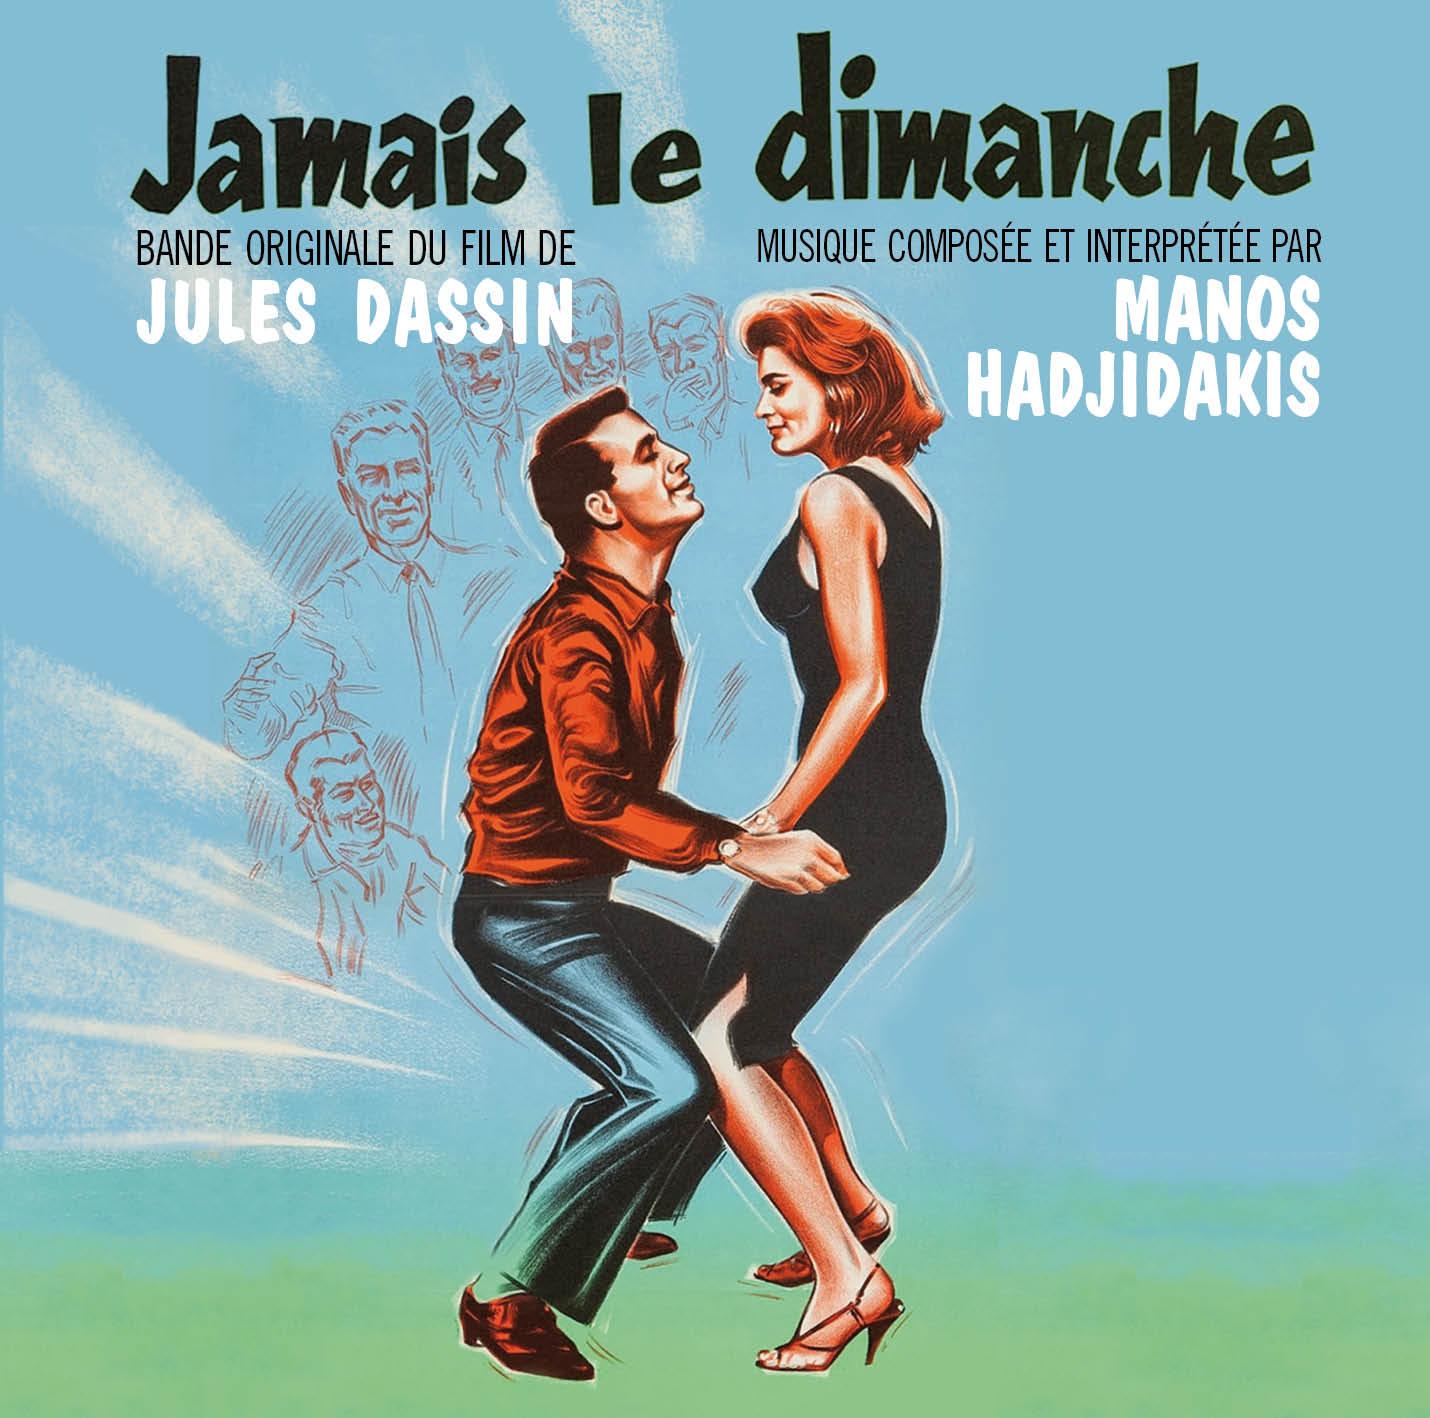 Jamais le Dimanche (Never on Sunday)